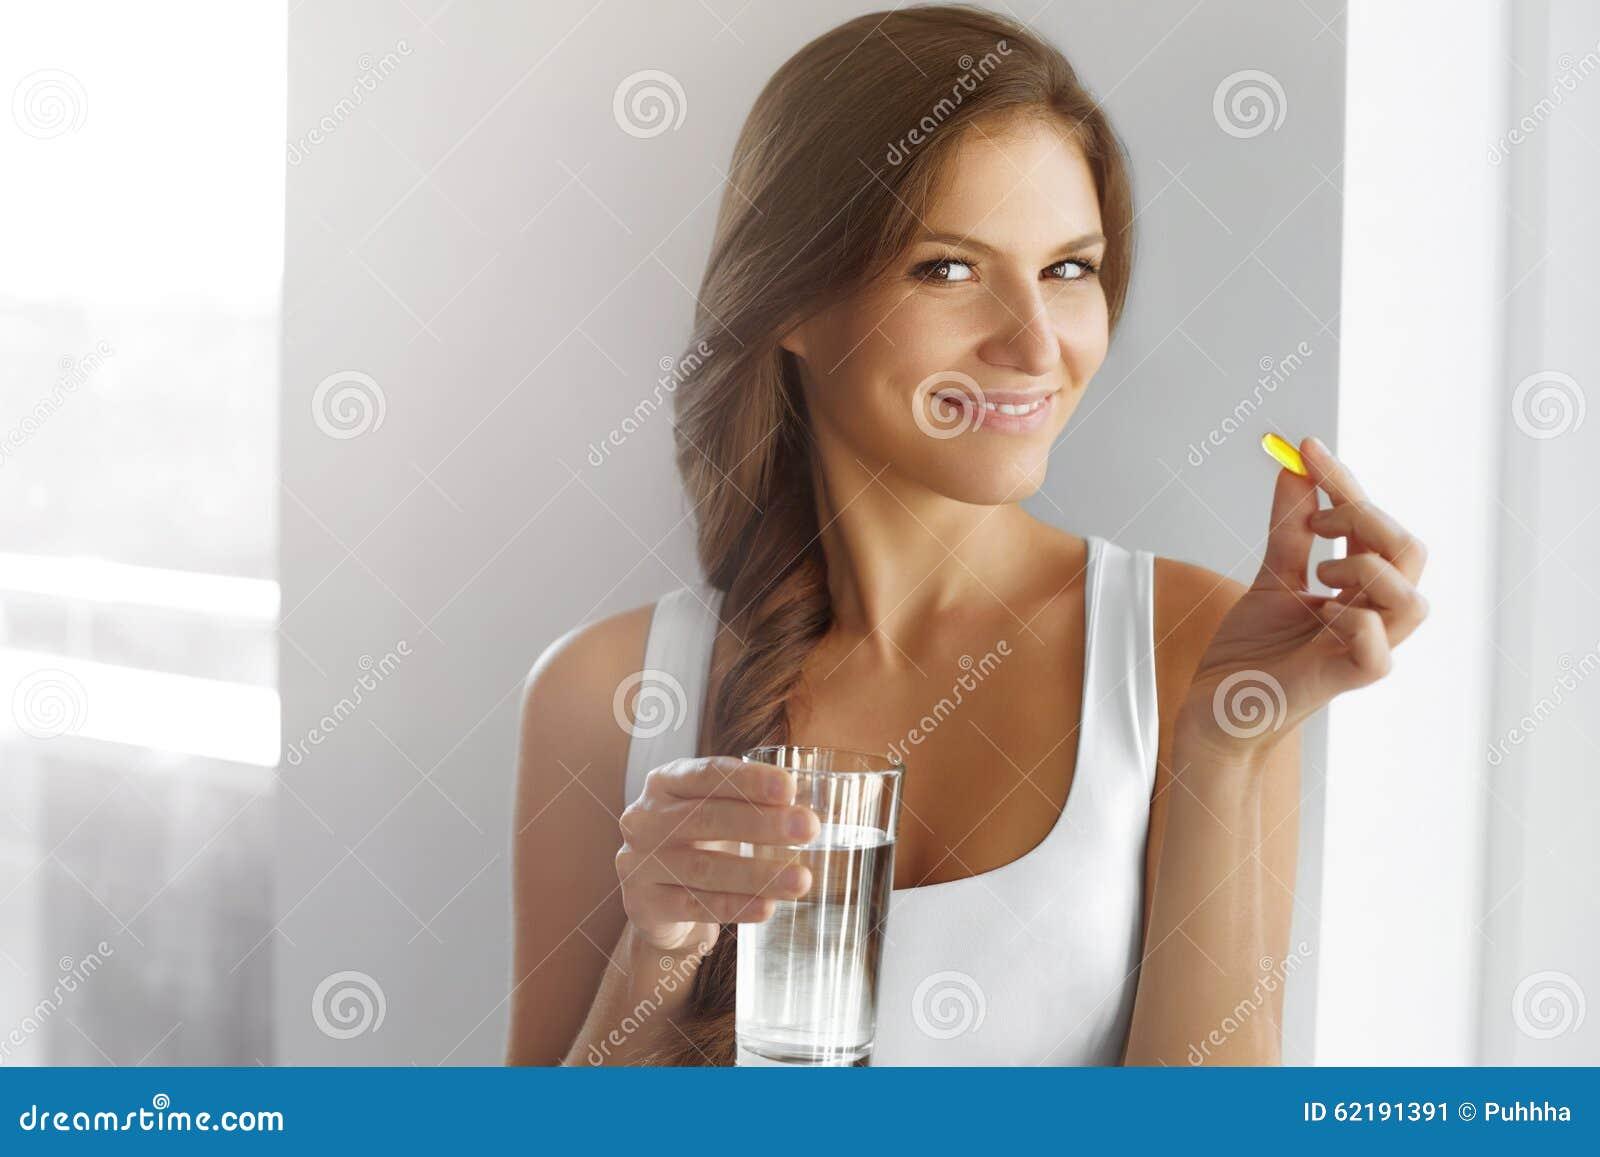 Gesunde Diät nahrung Vitamine Gesunde Ernährung, Lebensstil wo